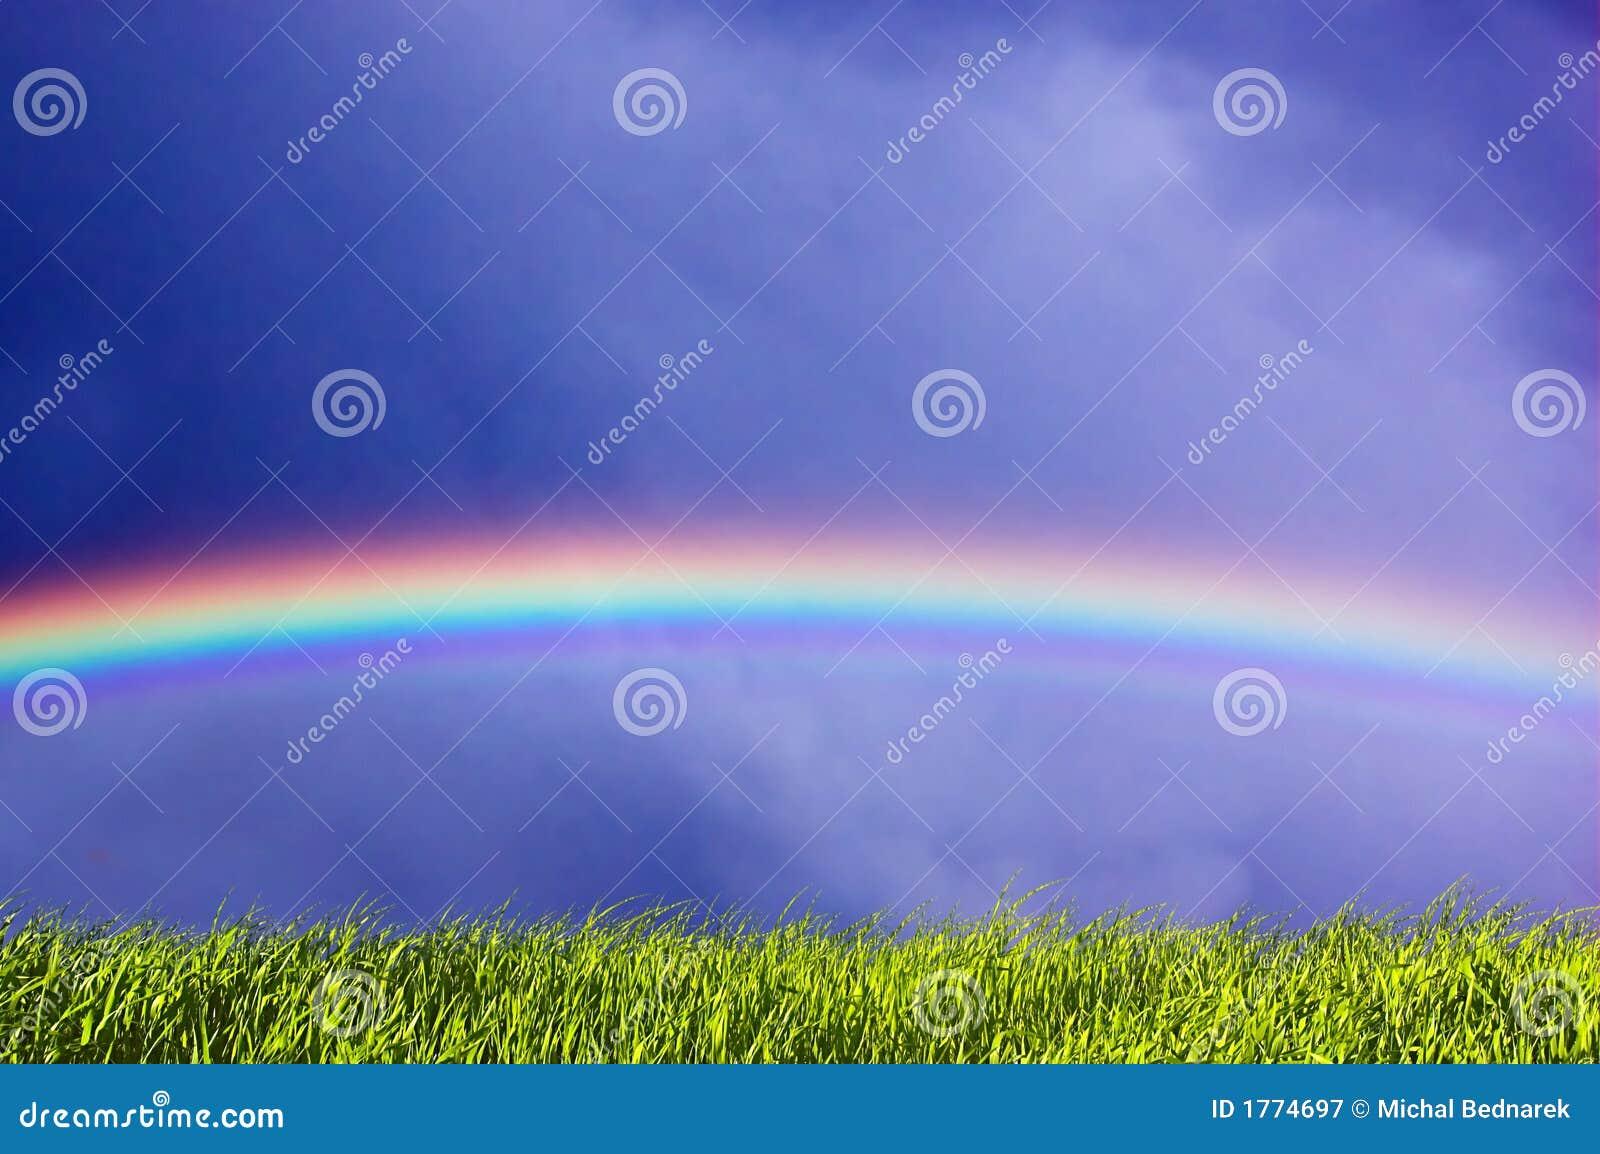 Verse gras en hemel met regenboog